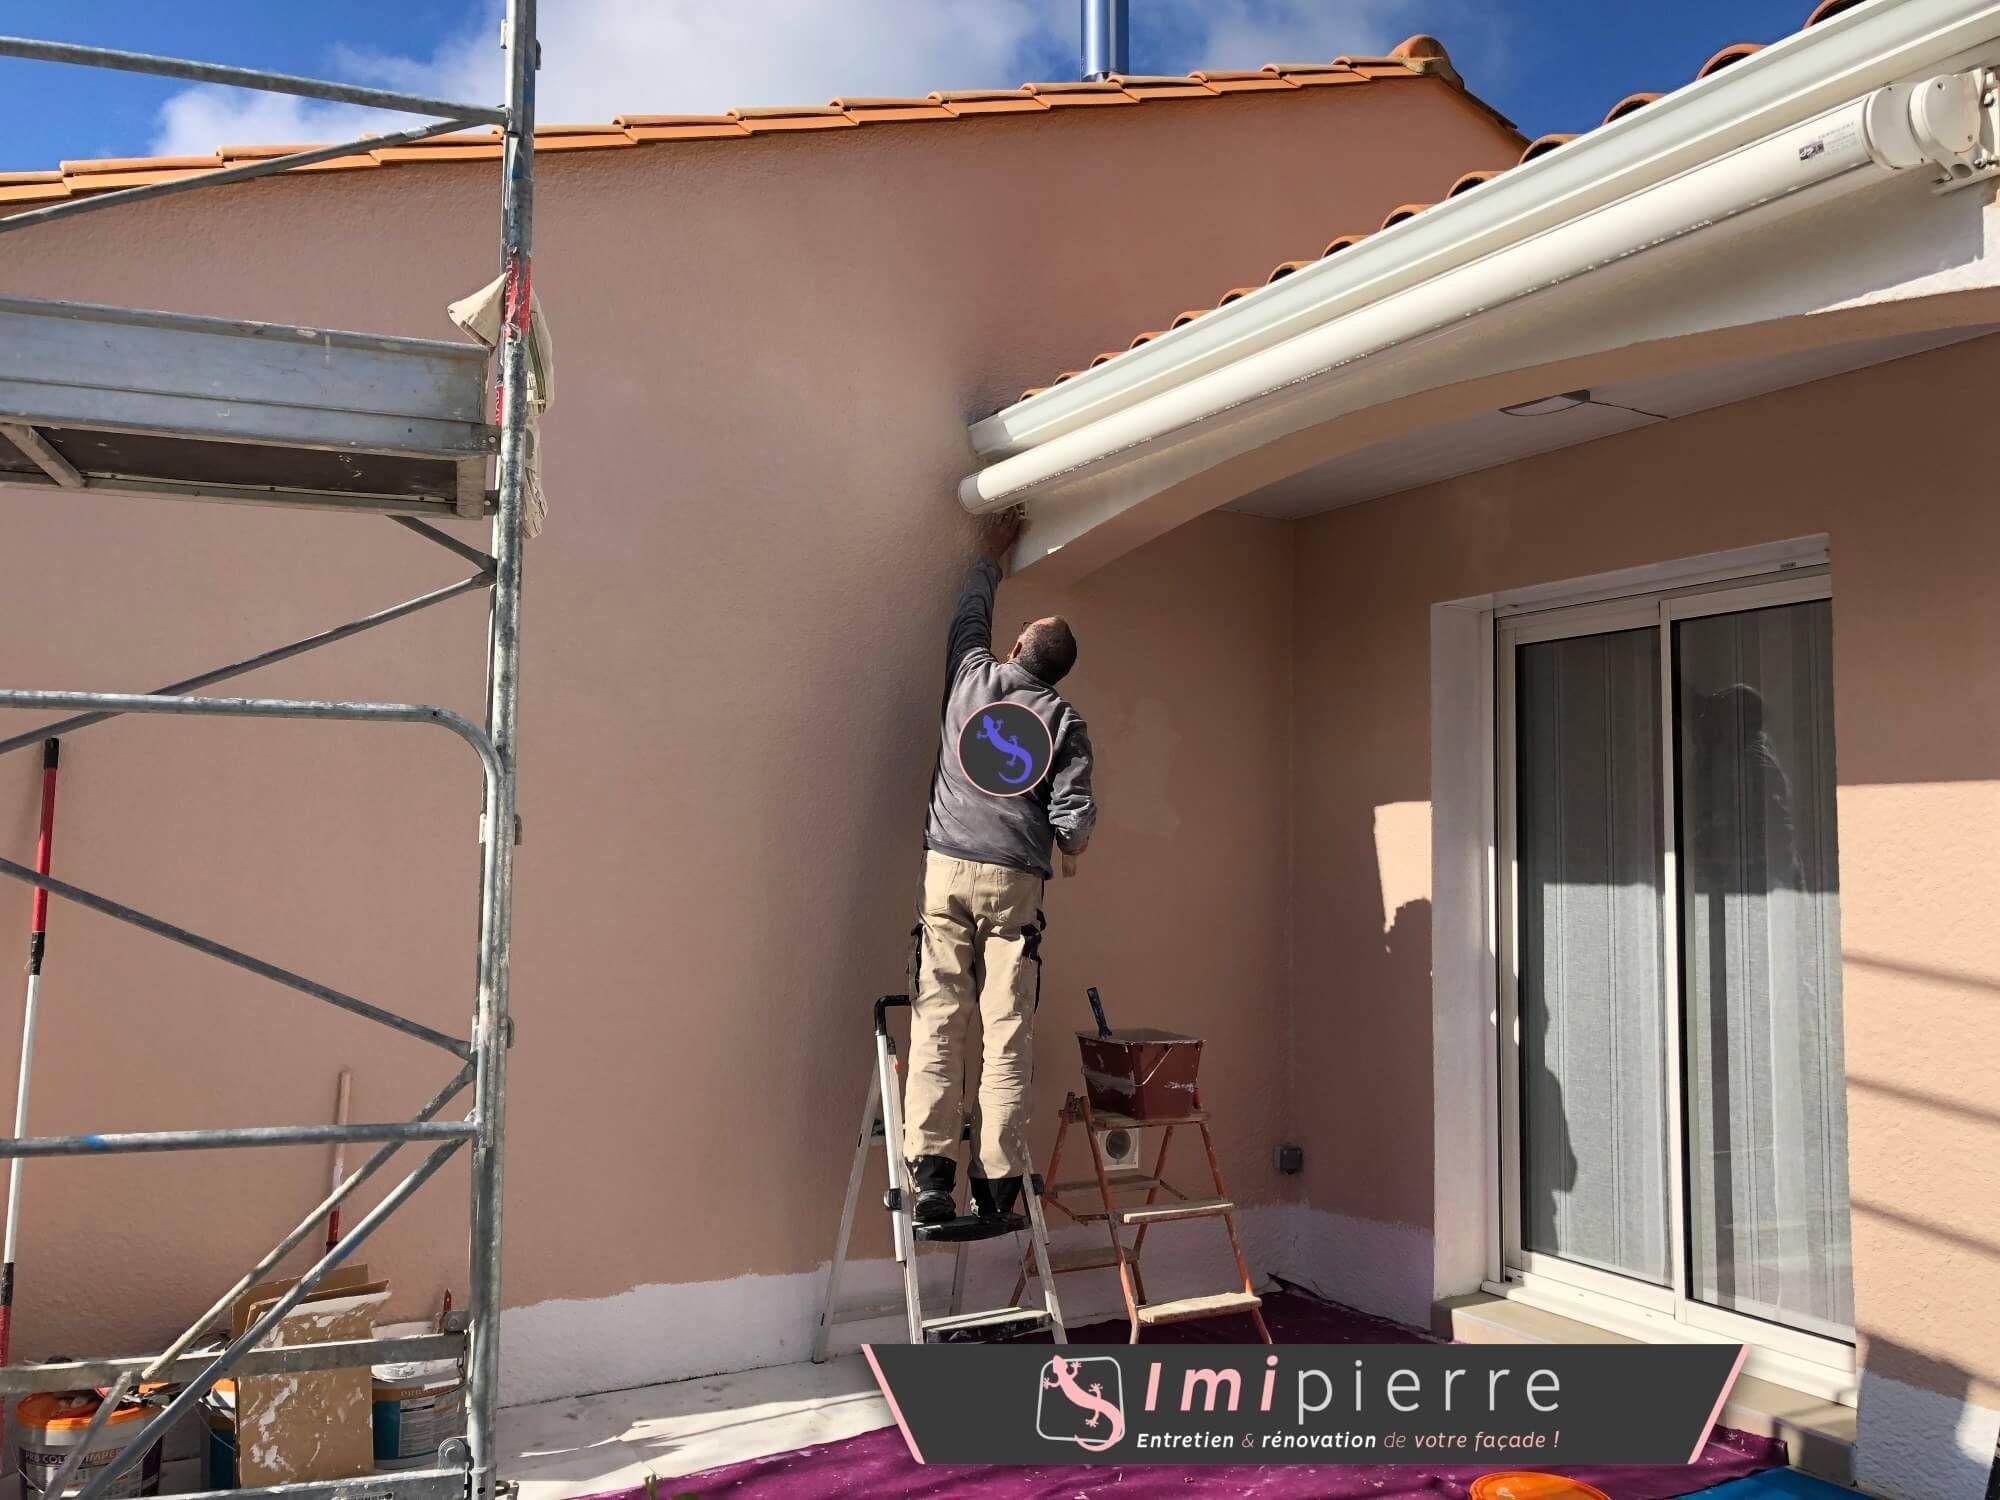 Couleurs Facades En Provence jolie couleur pour cette rénovation de #façade par imipierre